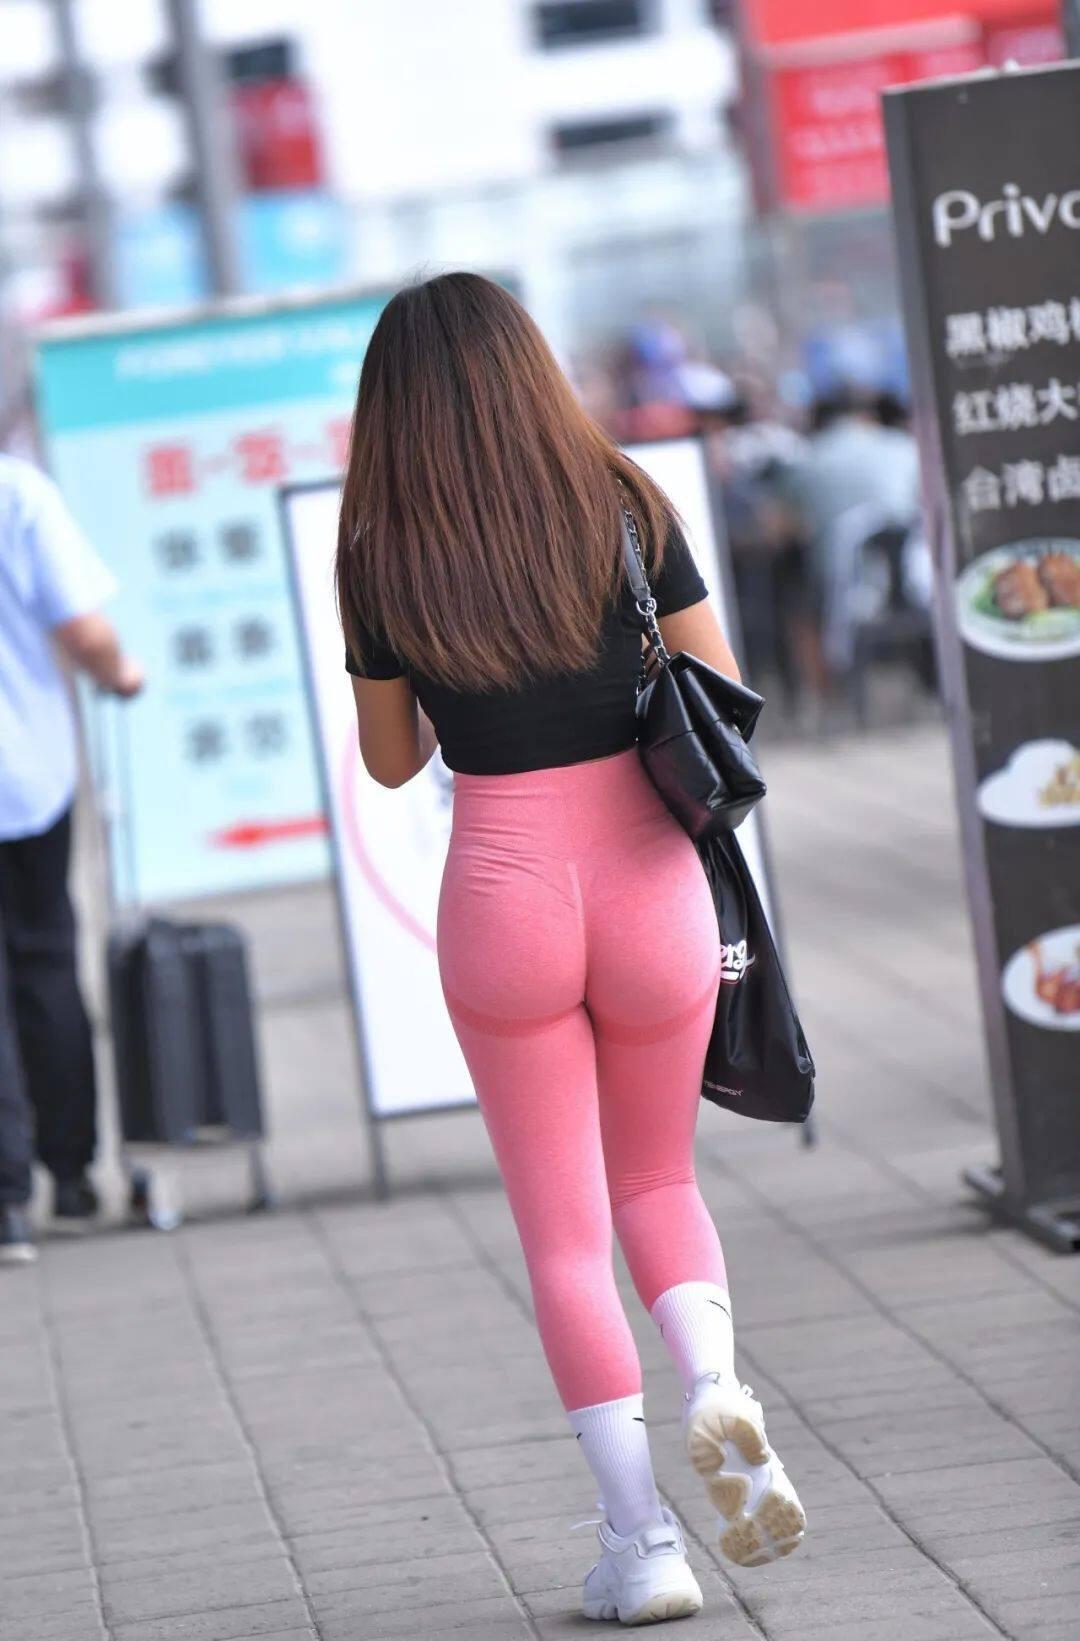 [街拍美女]显瘦又显腿长的瑜伽裤,搭配黑色上衣,青春有活力5